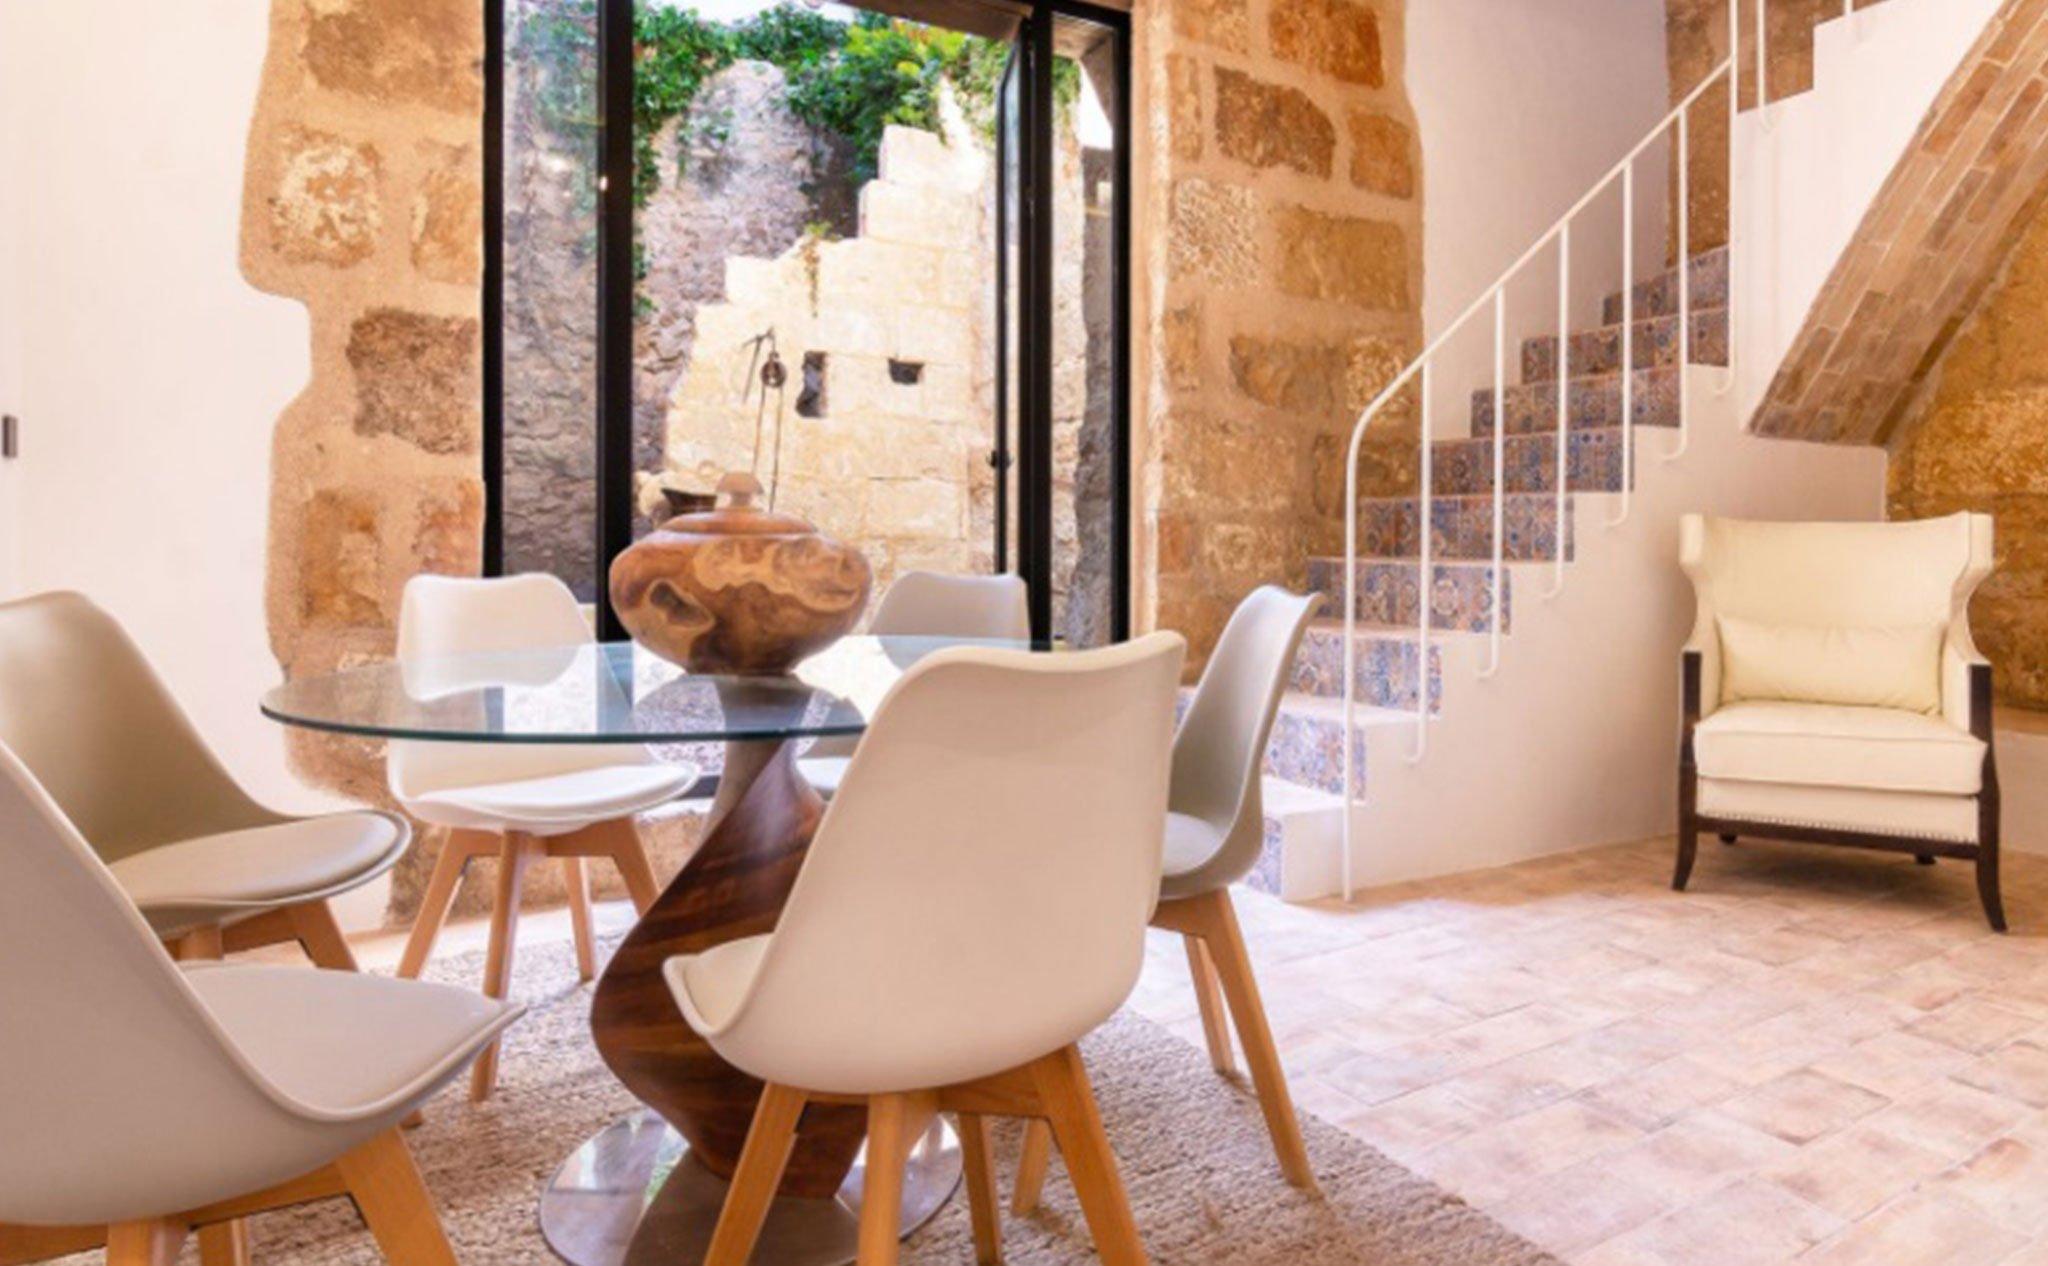 Escaleras en una casa de pueblo en venta en el centro de Xàbia – MORAGUESPONS Mediterranean Houses